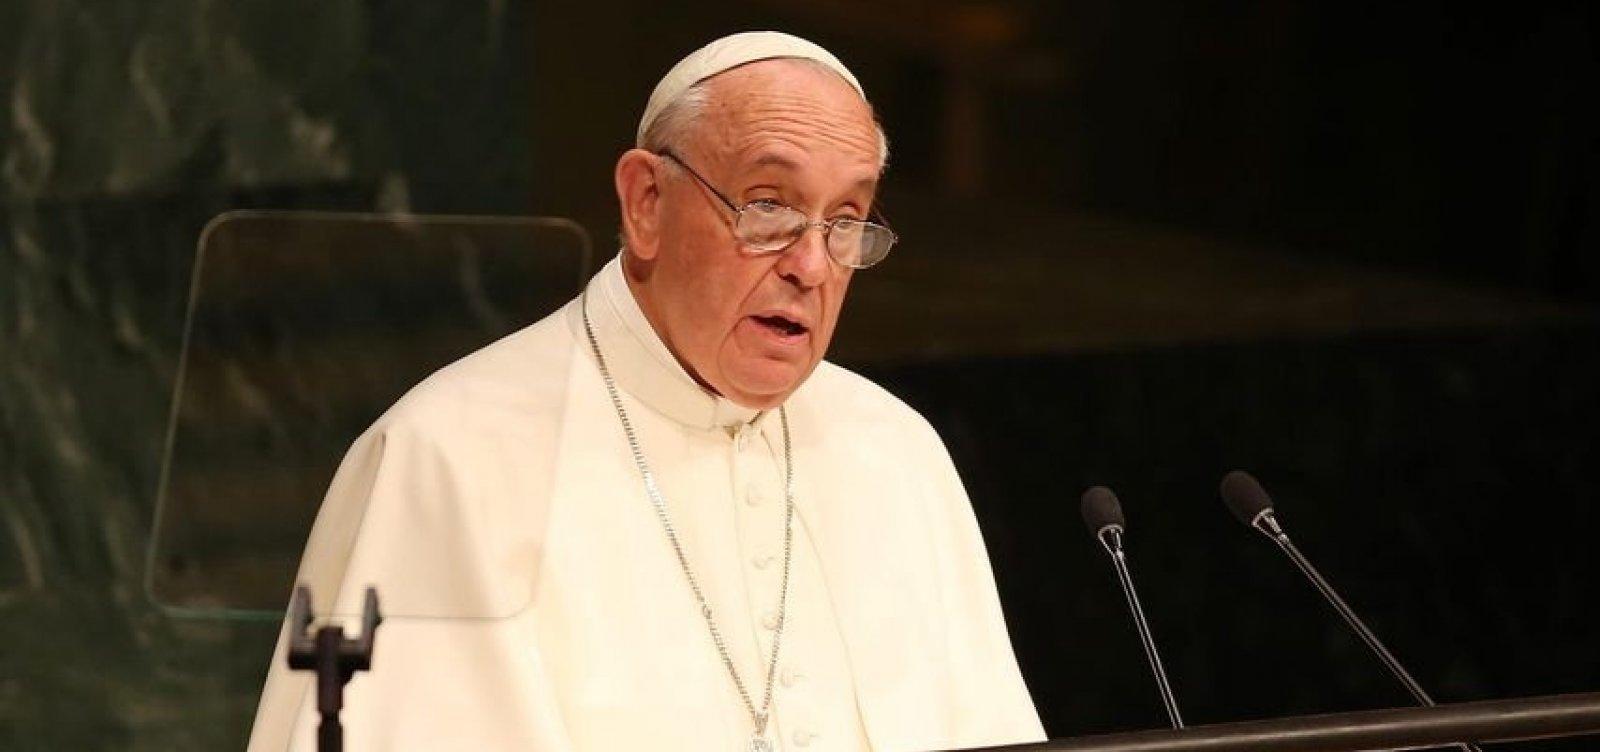 Em visita ao Japão, papa Francisco pede fim de armas nucleares